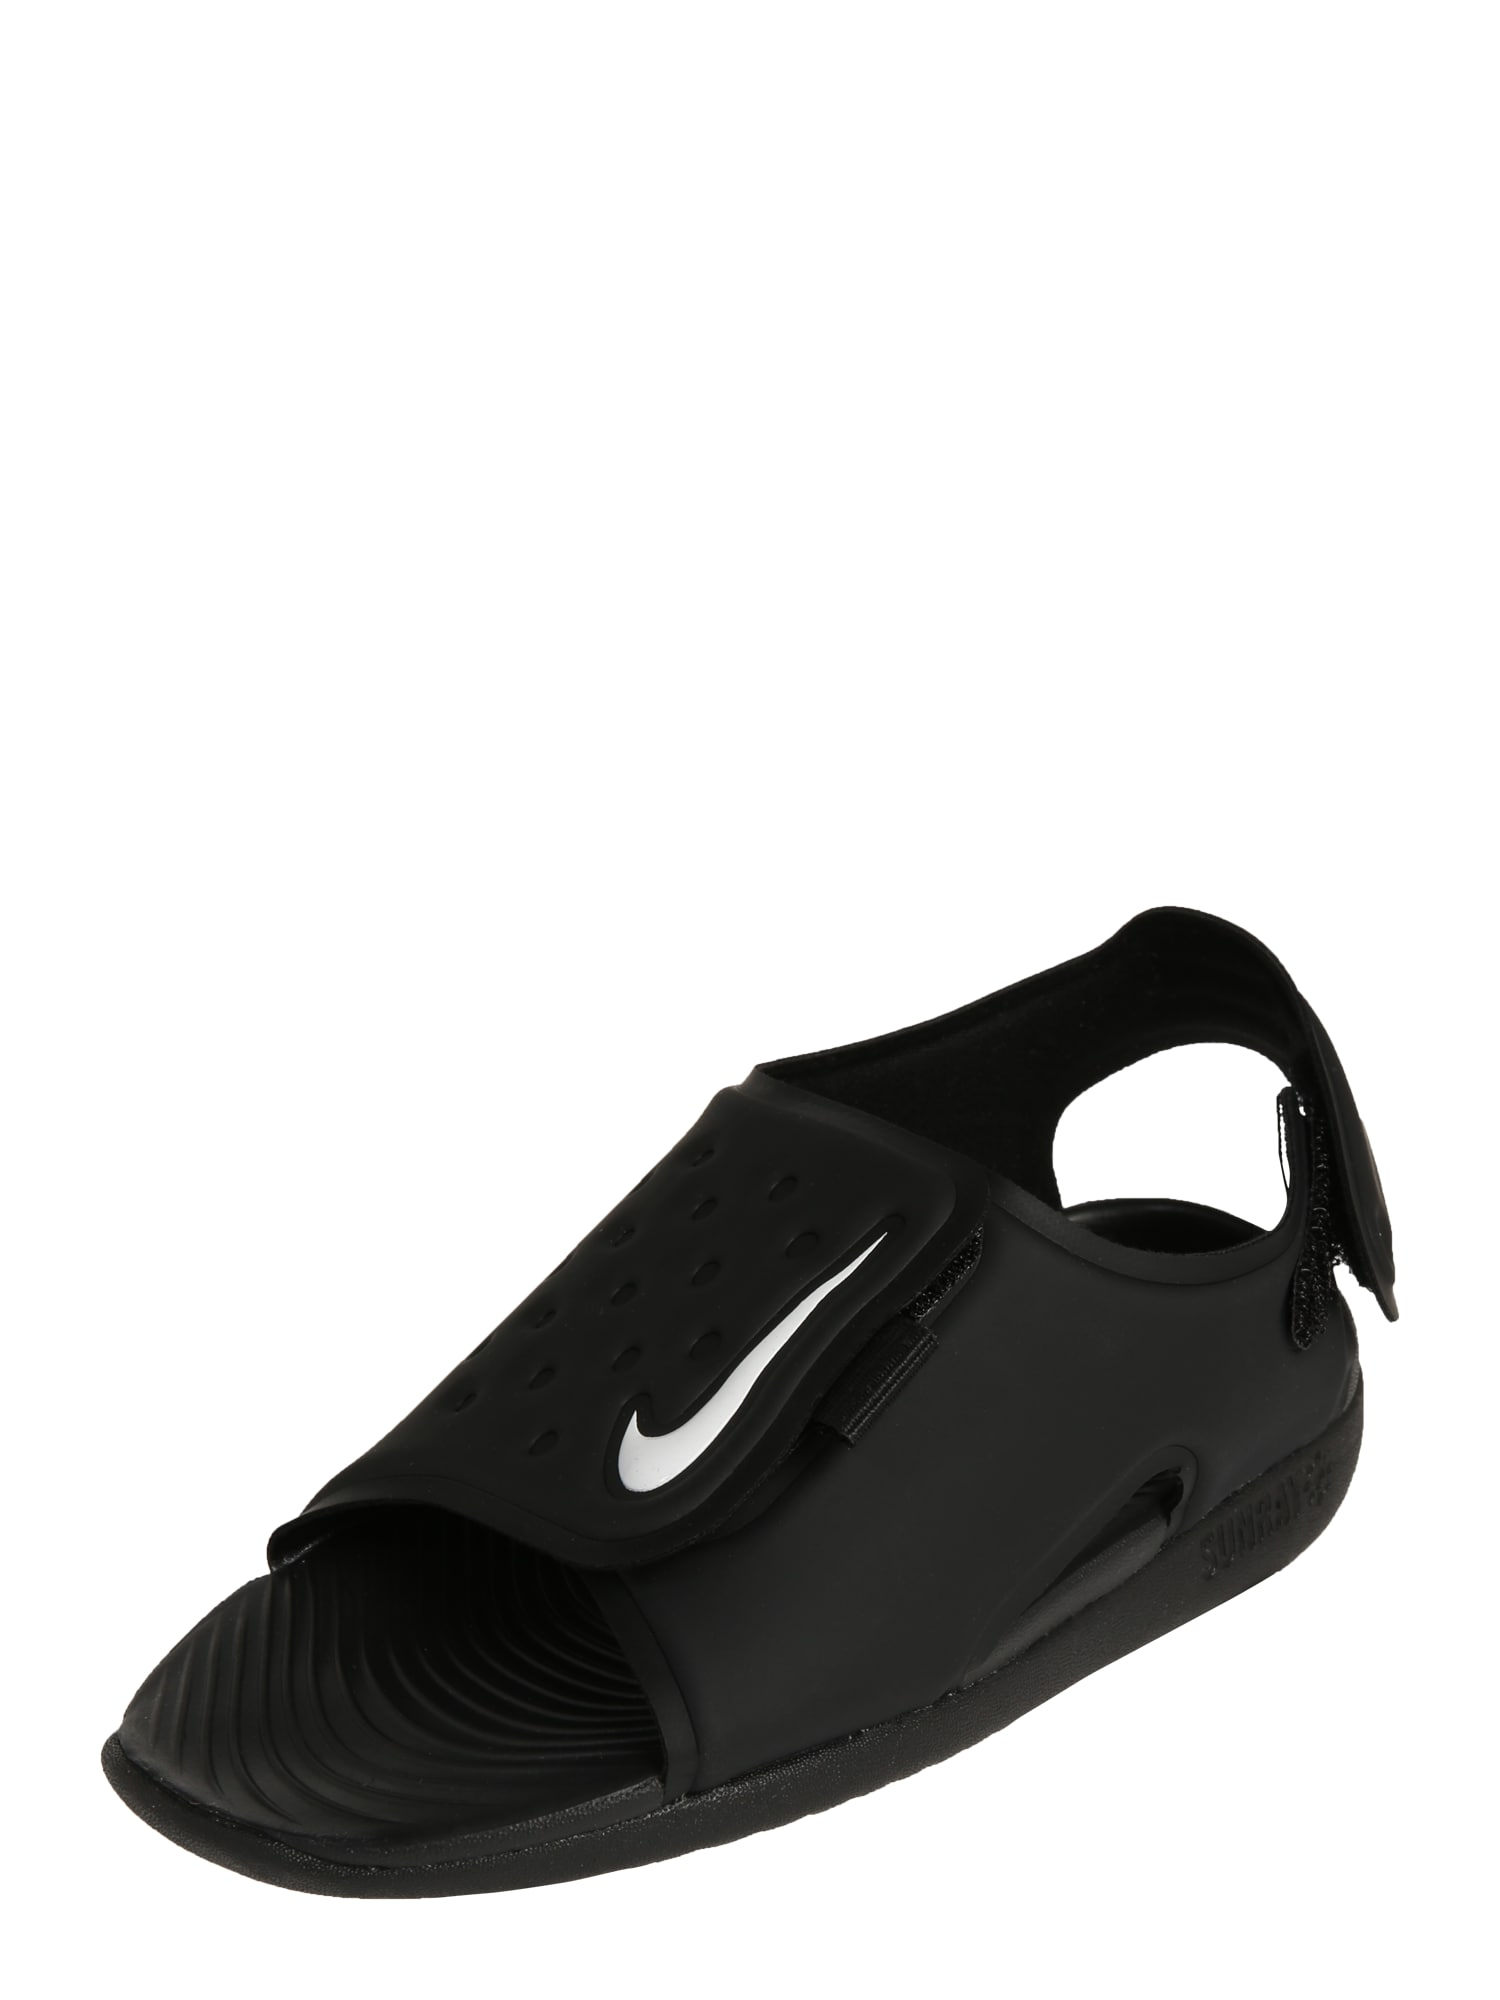 Nike Sportswear, Jongens Open schoenen 'Sunray Adjust 5', zwart / wit